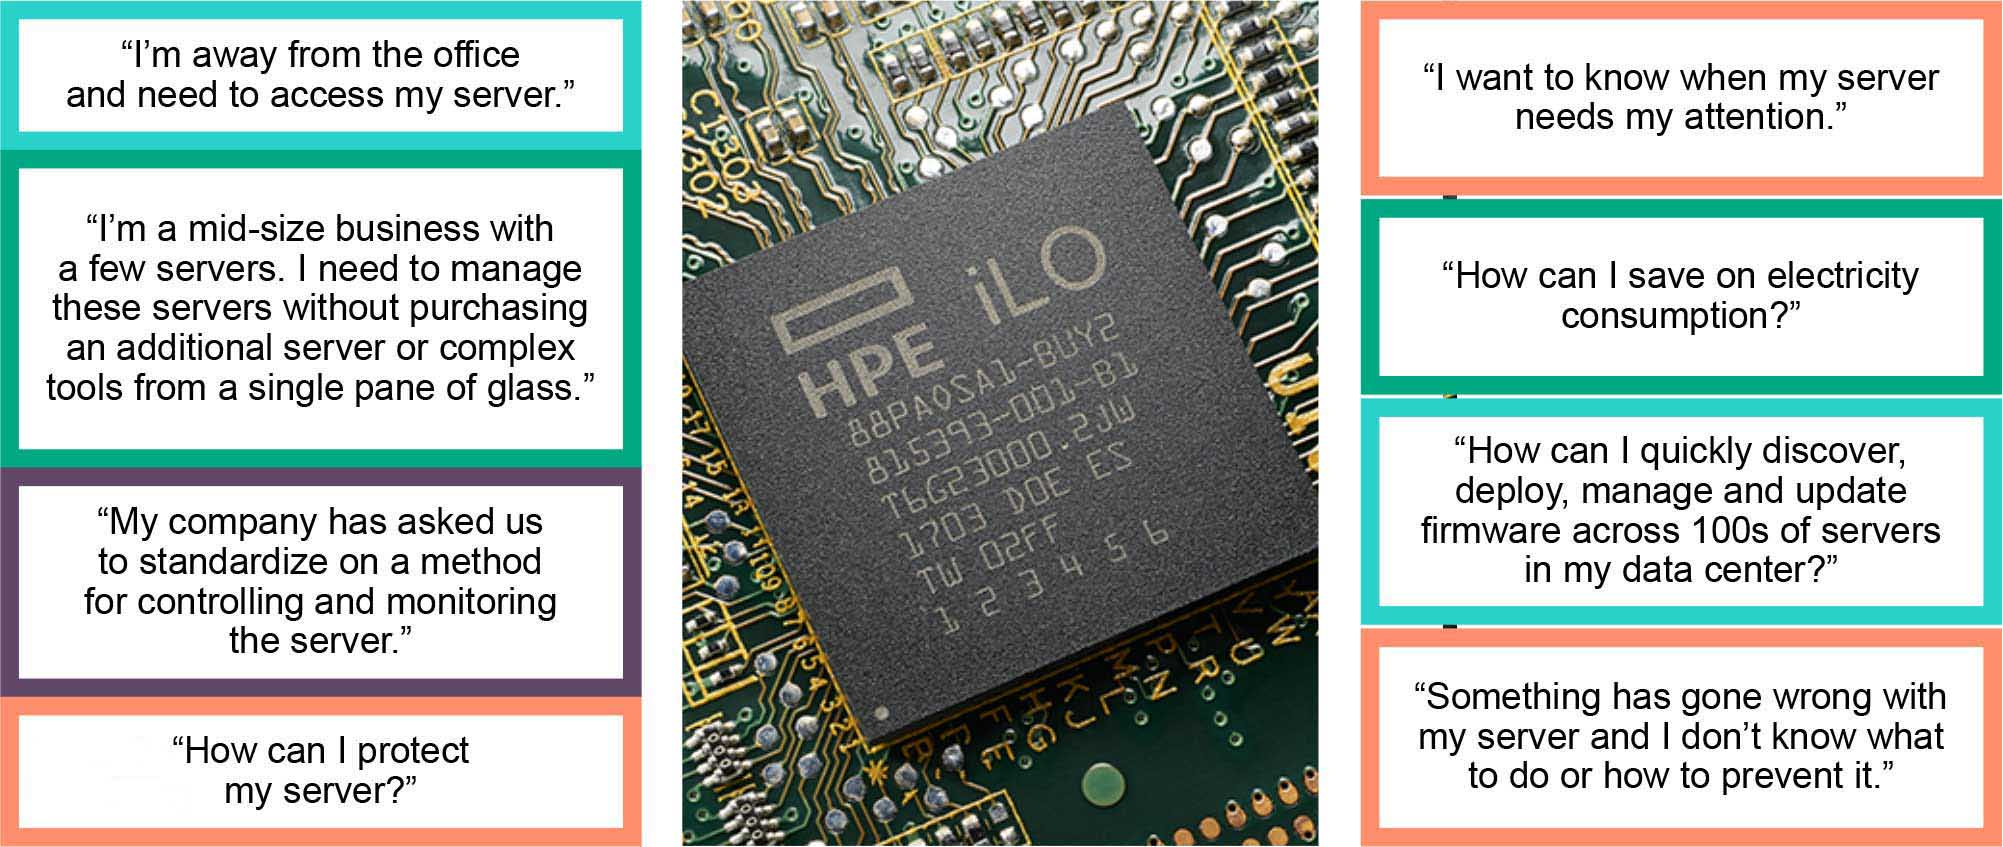 تکنولوژی ILO - سرور اچ پی - سرور HP - تکنولوژی ILO - سرور - سرور HPE - تکنولوژی Integrated Lights-Out Management